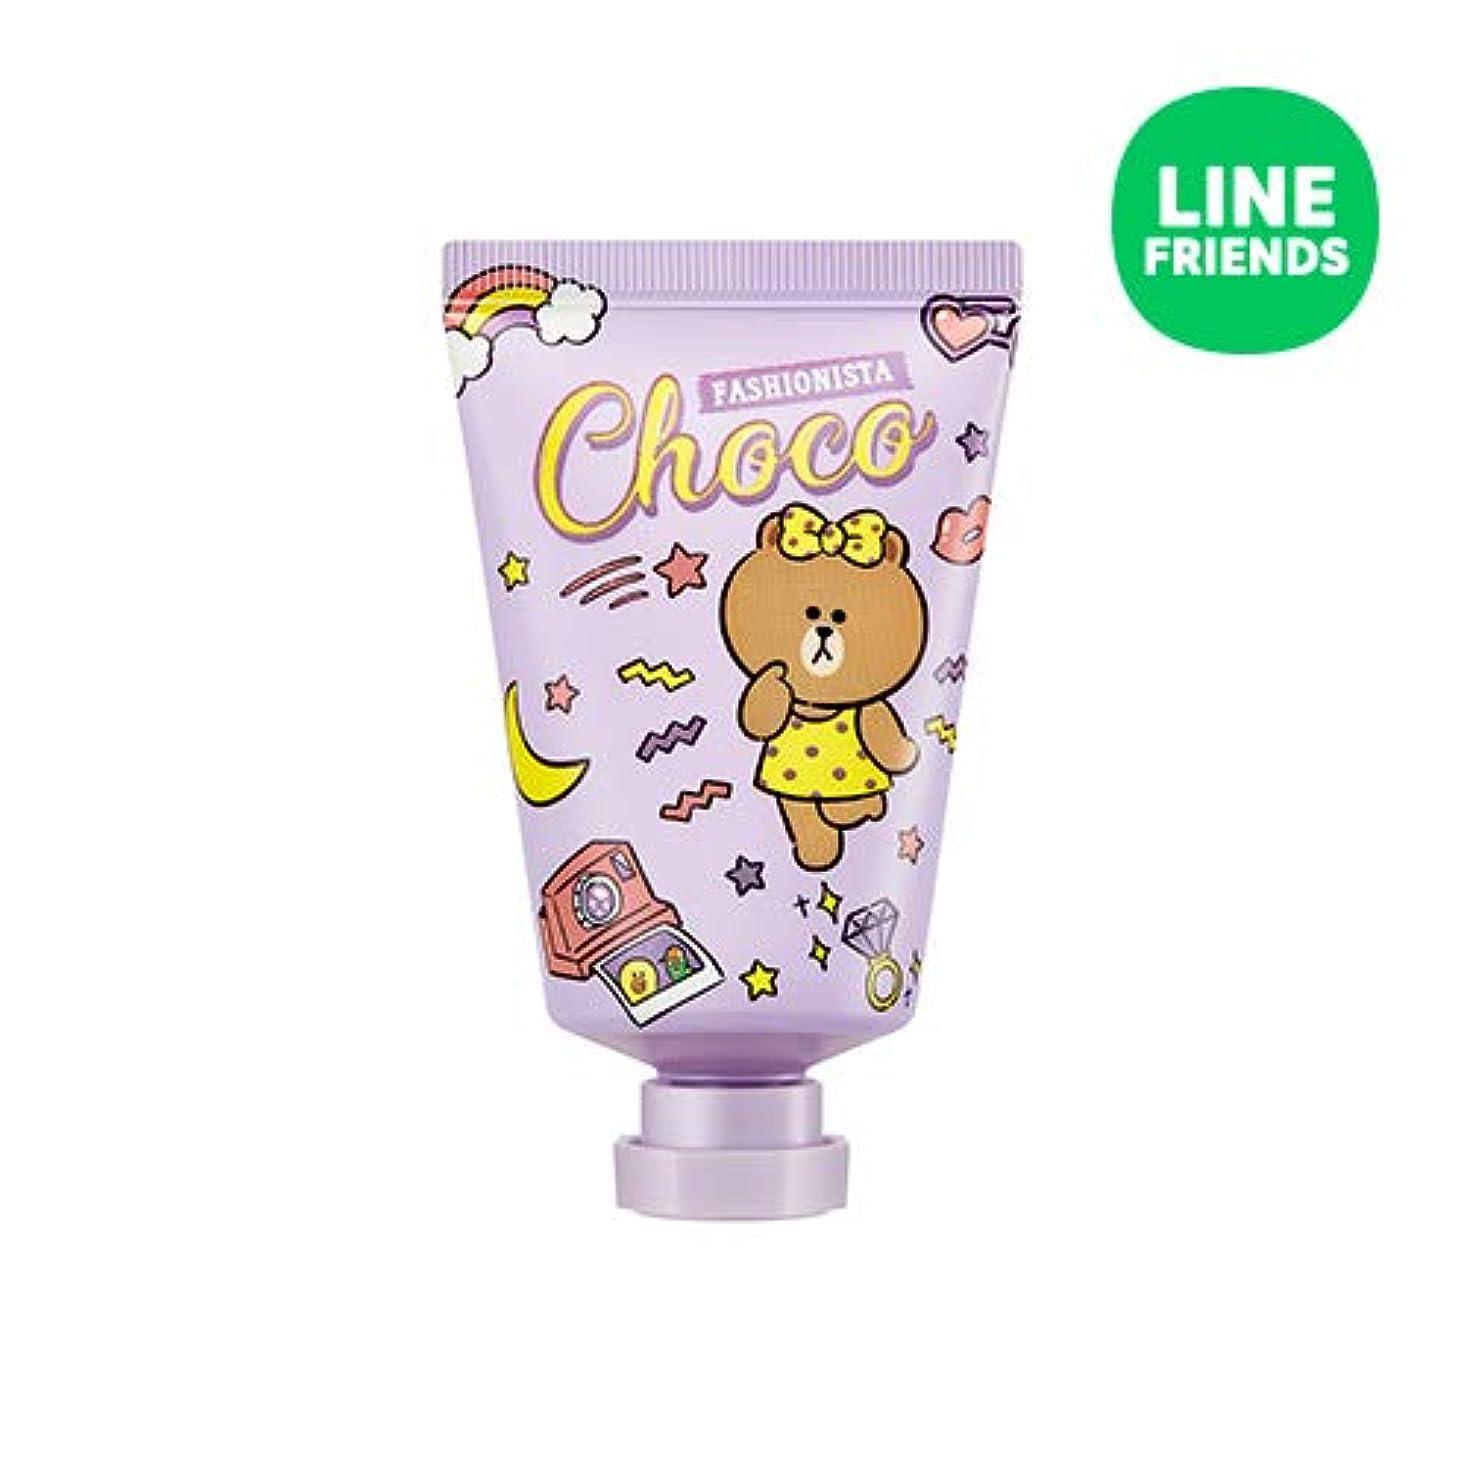 規制する氏熟すミシャ(ラインフレンズ)ラブシークレットハンドクリーム 30ml MISSHA [Line Friends Edition] Love Secret Hand Cream - Choco # Pitch Cocktail...